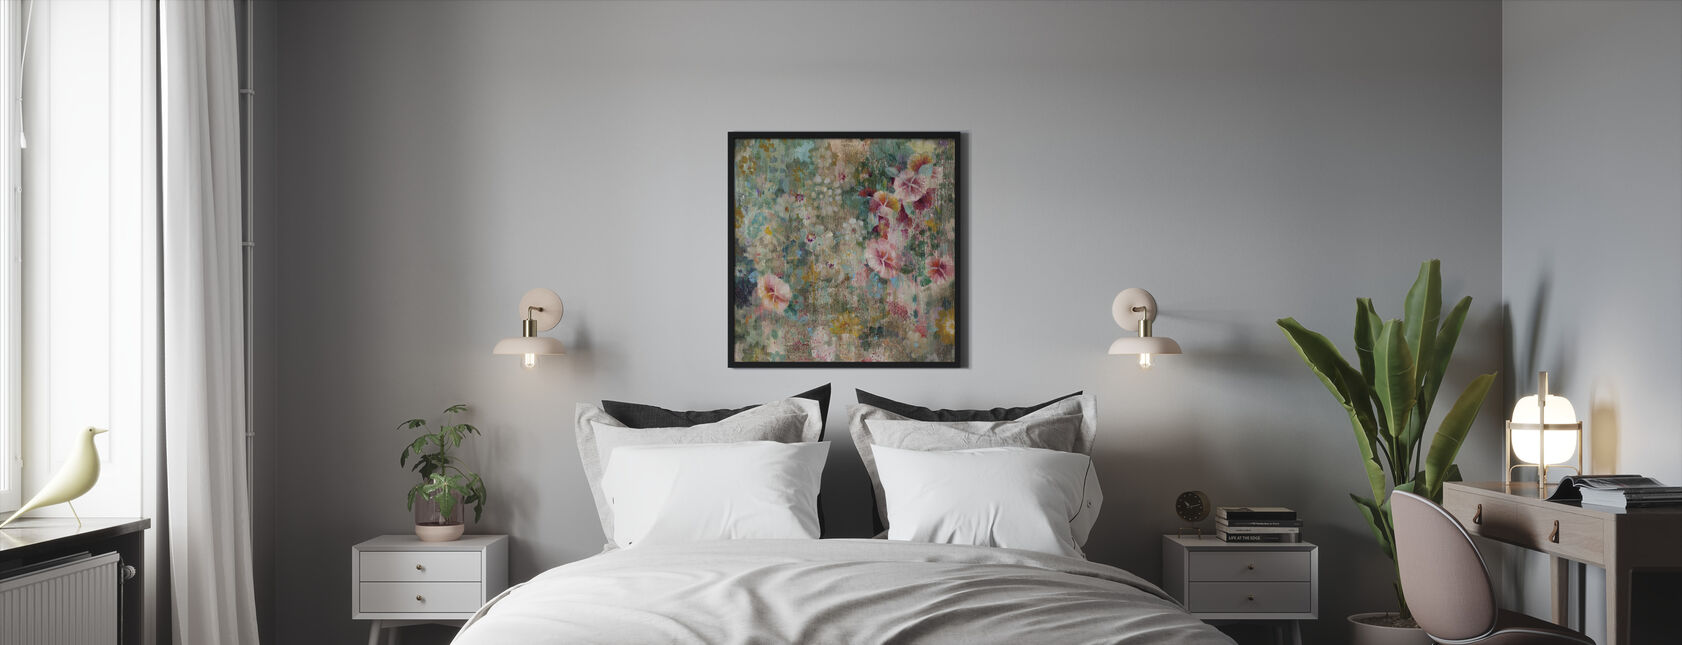 Flower Shower - Framed print - Bedroom